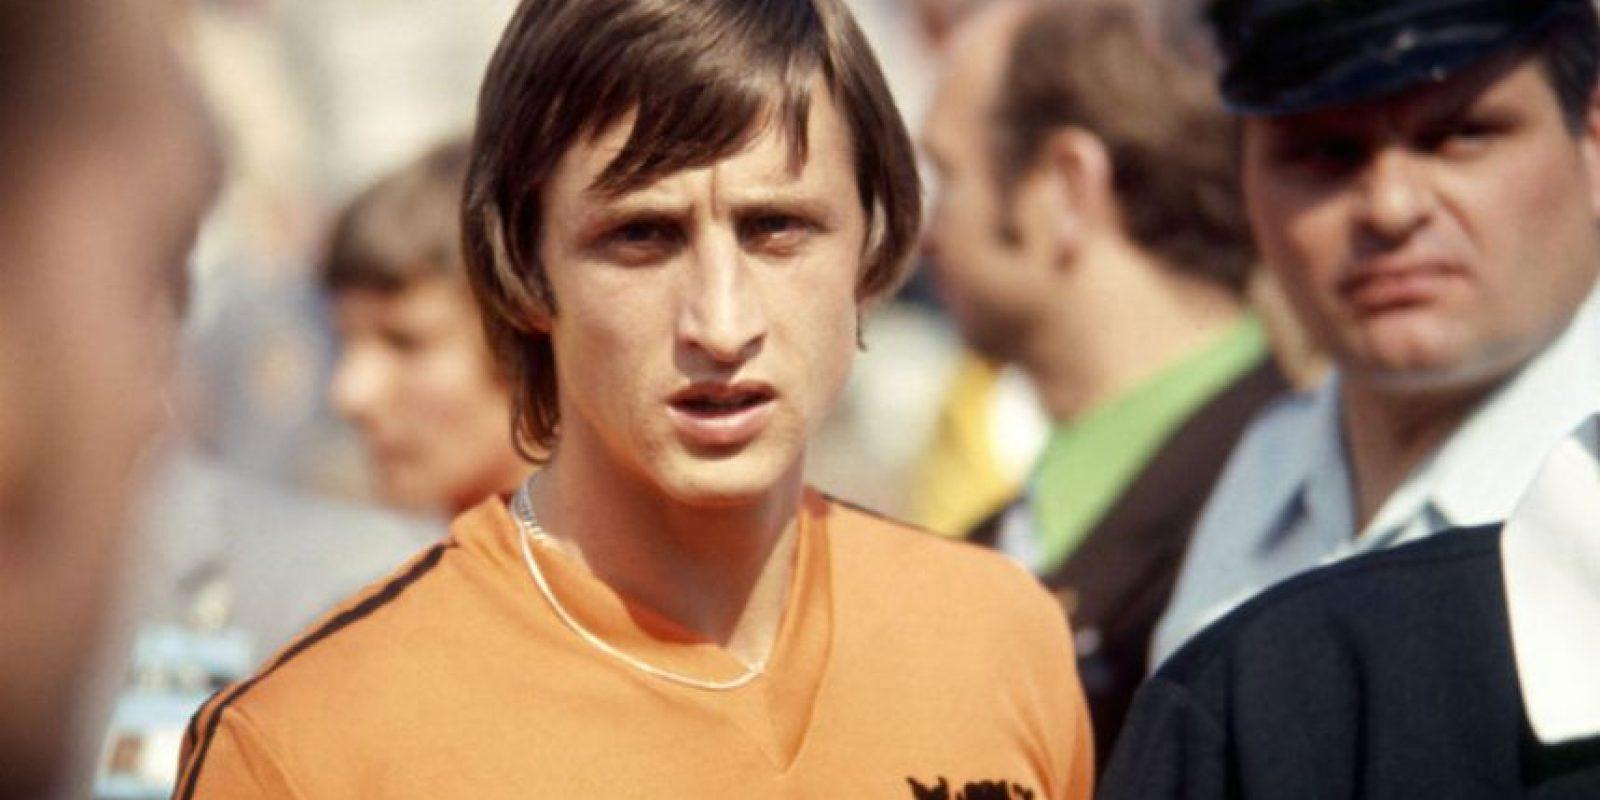 Consiguió el premio por encima de Franz Beckenbauer, a pesar de que Alemania había superado a Holanda en el Mundial de 1974 Foto:Getty